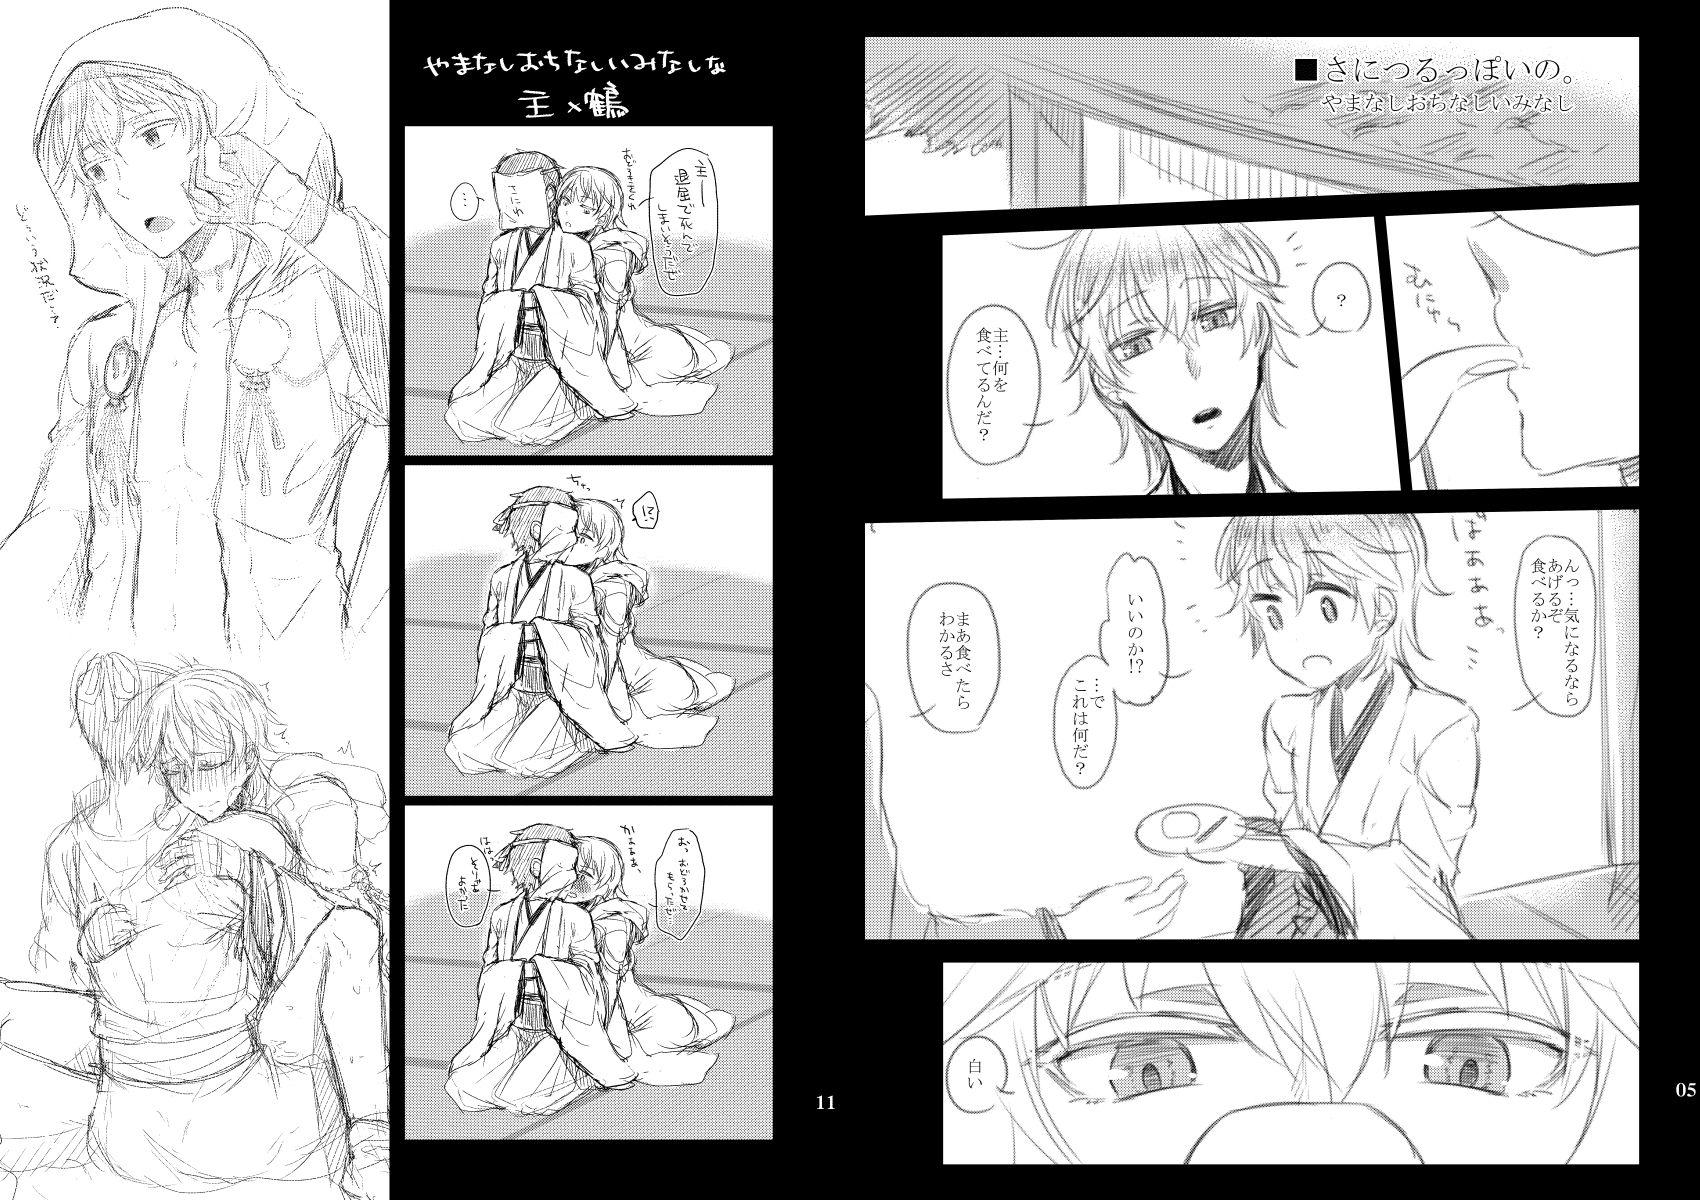 GumiBukuro03+05 変態審神者と鶴○さん 再録集